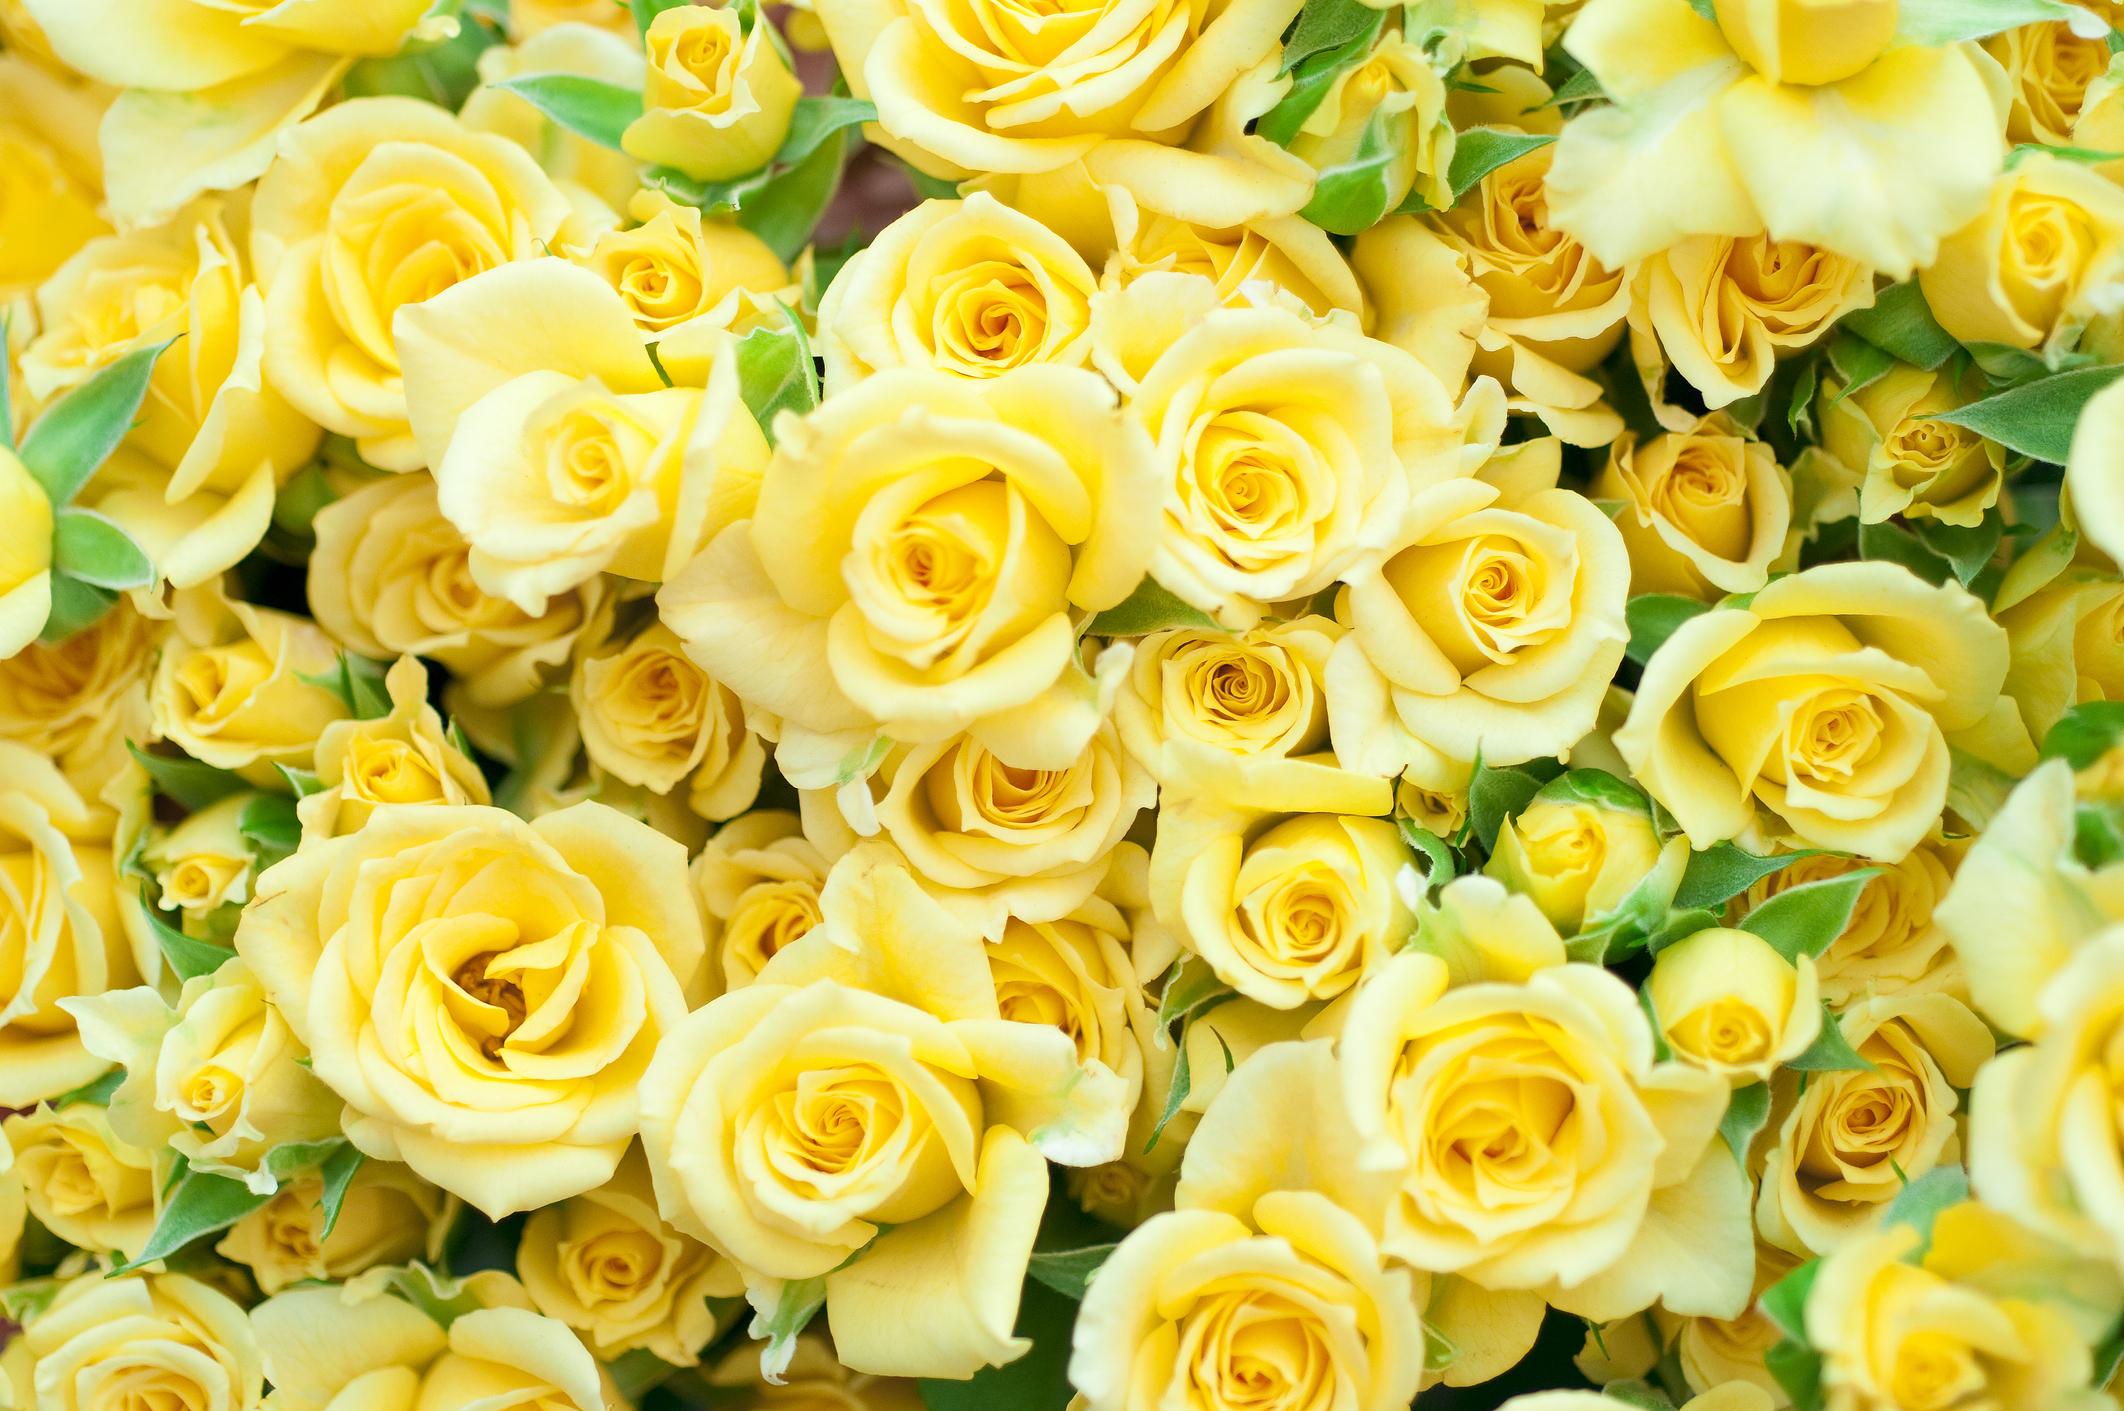 <p>Жълта роза - може би не мислите, че е жестоко да подарите на някого жълти рози, но това слънчево цвете значи &quot;изневяра&quot;.</p>